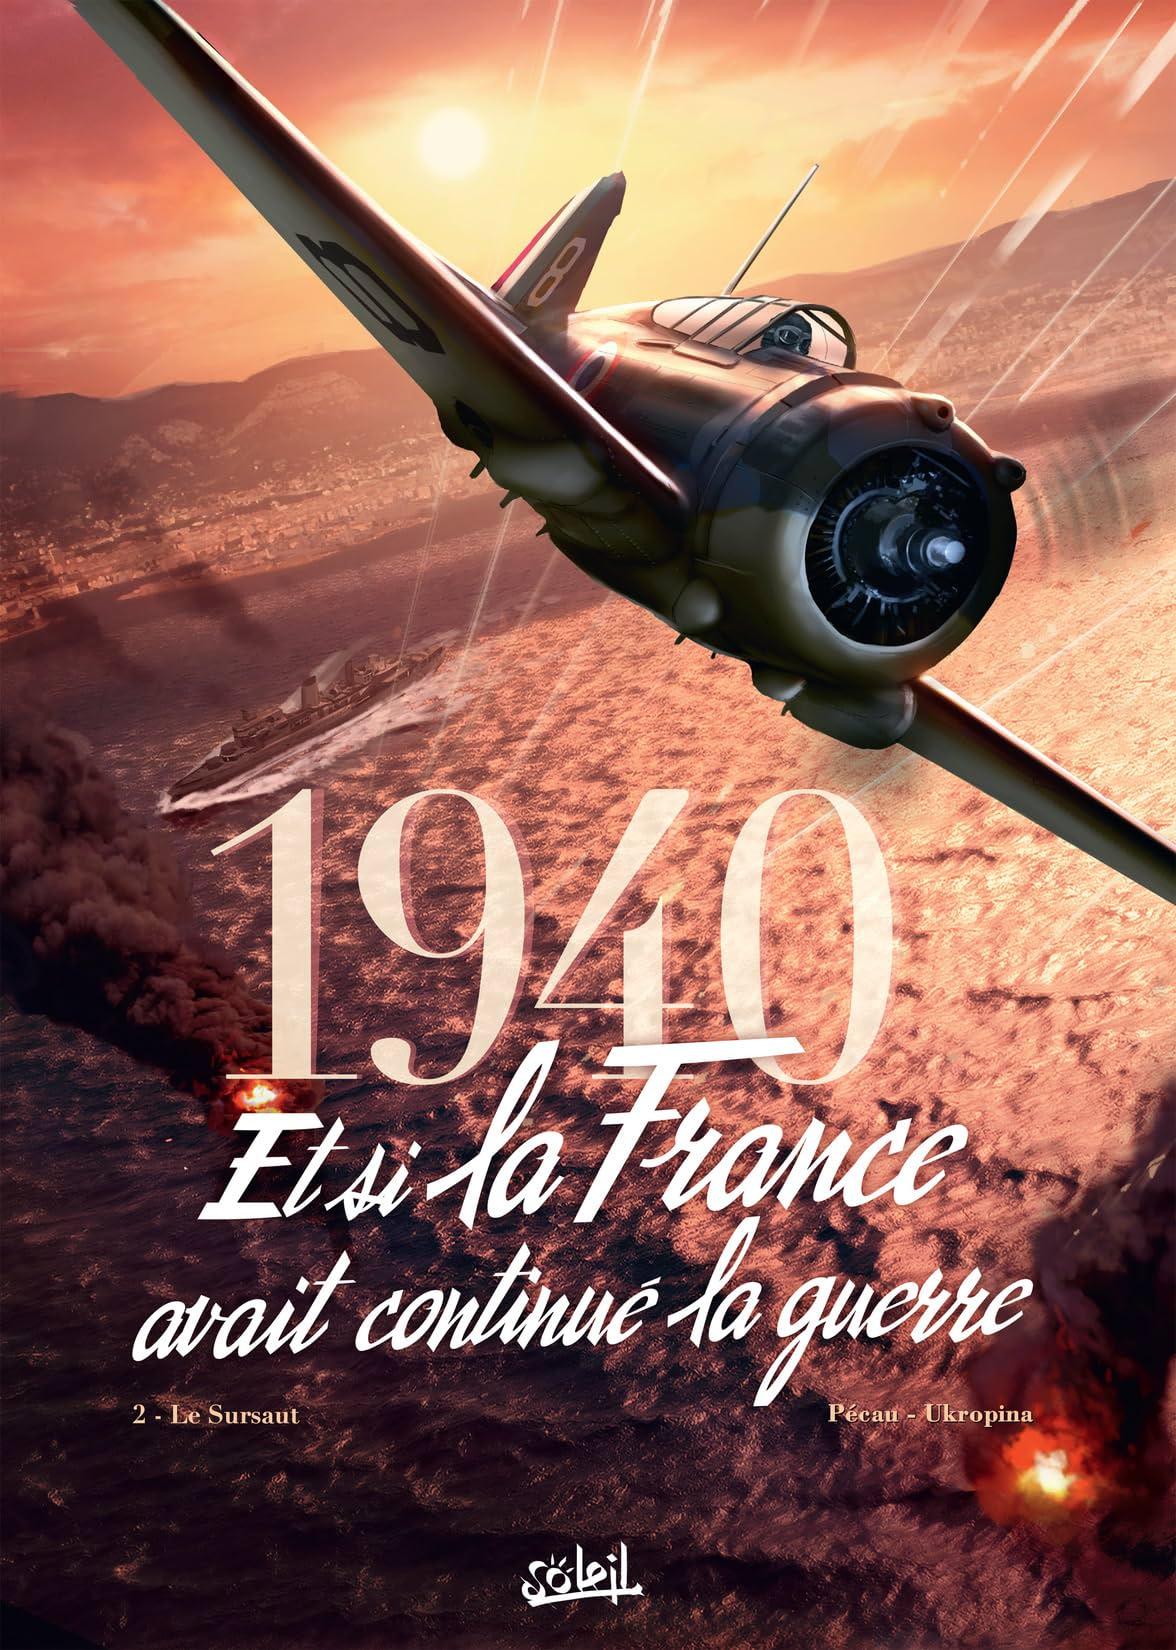 1940 Et si la France avait continué la guerre Vol. 2: Le Sursaut